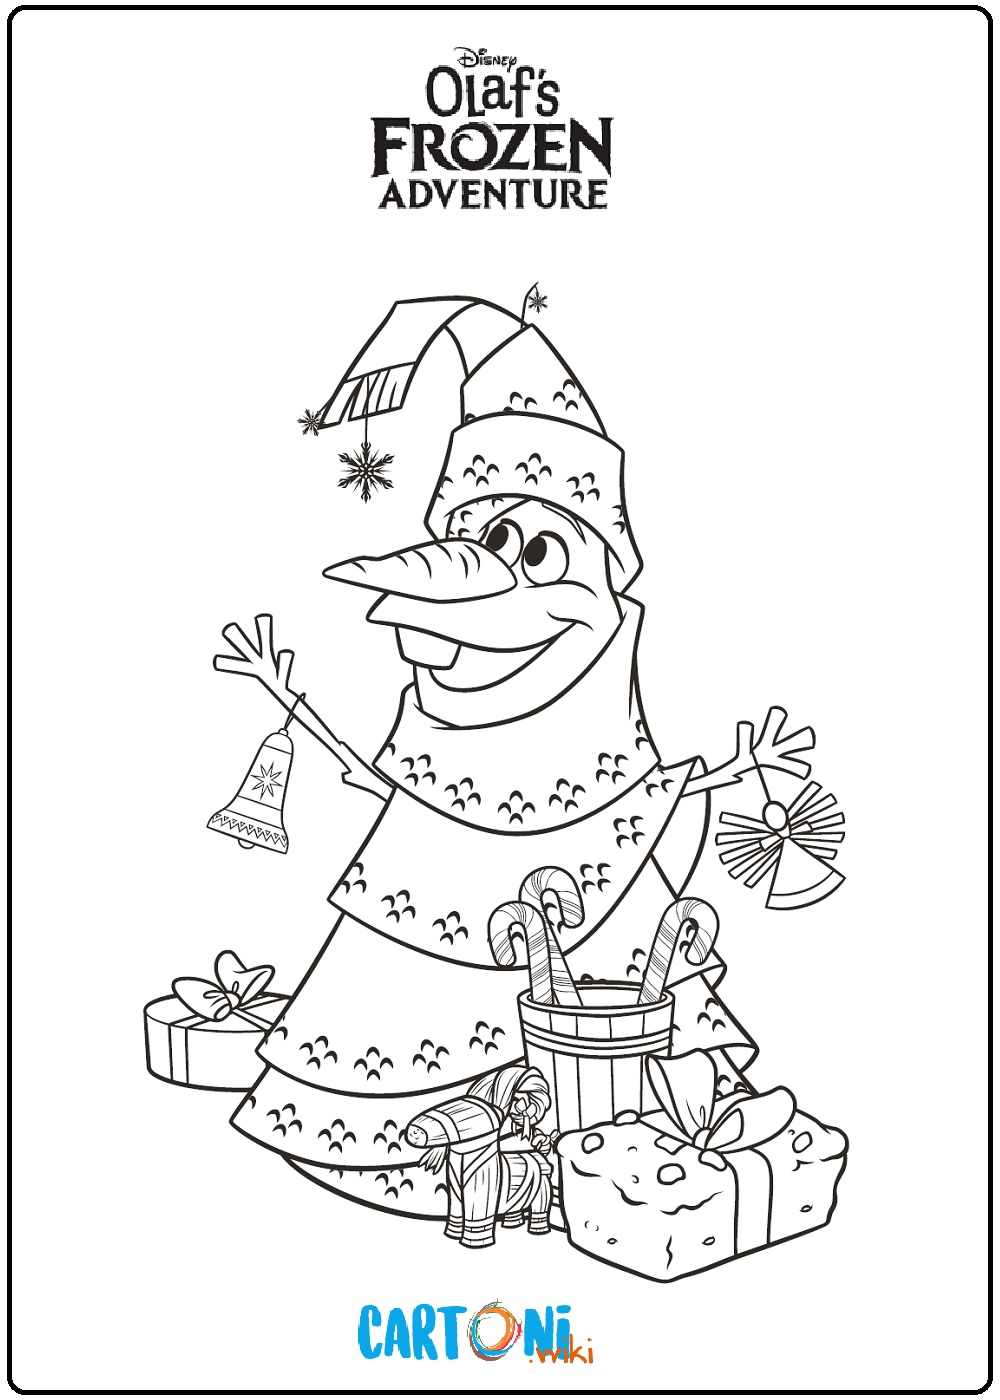 Frozen Le Avventure Di Olaf Disegni Da Colorare Cartoni Animati